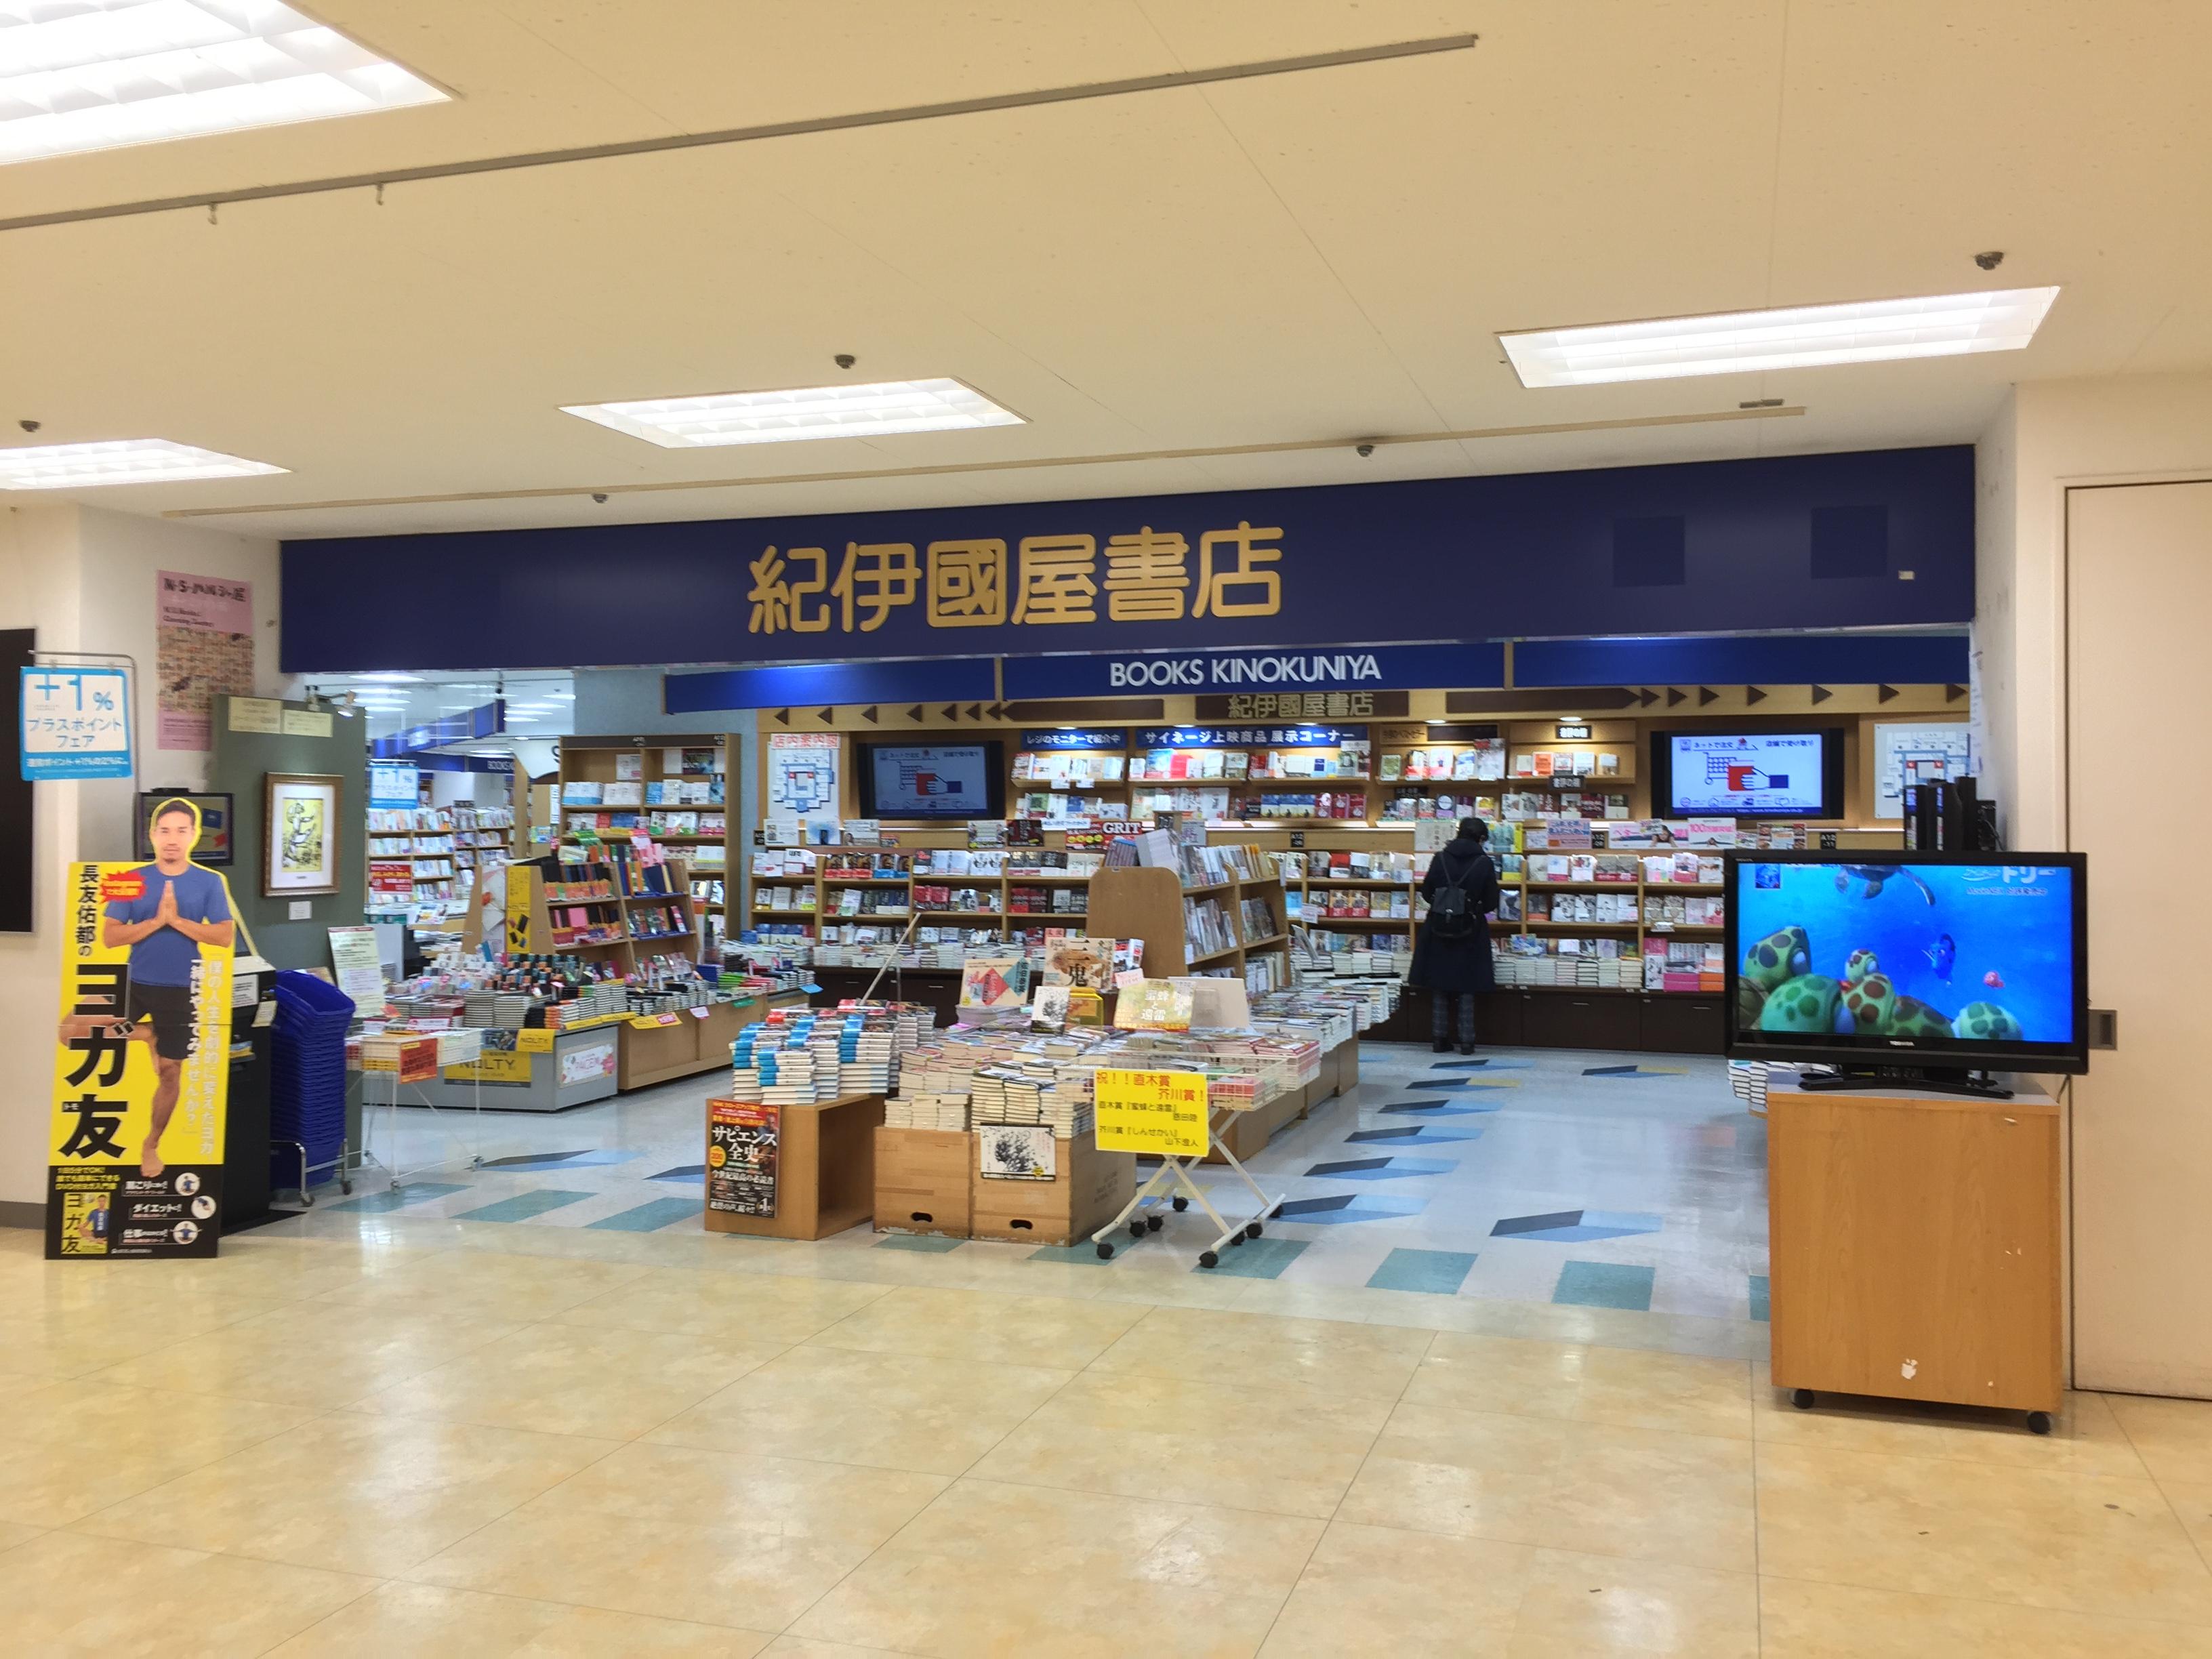 横浜駅近くで歩いていける本屋さん12選!大型店から専門店まで